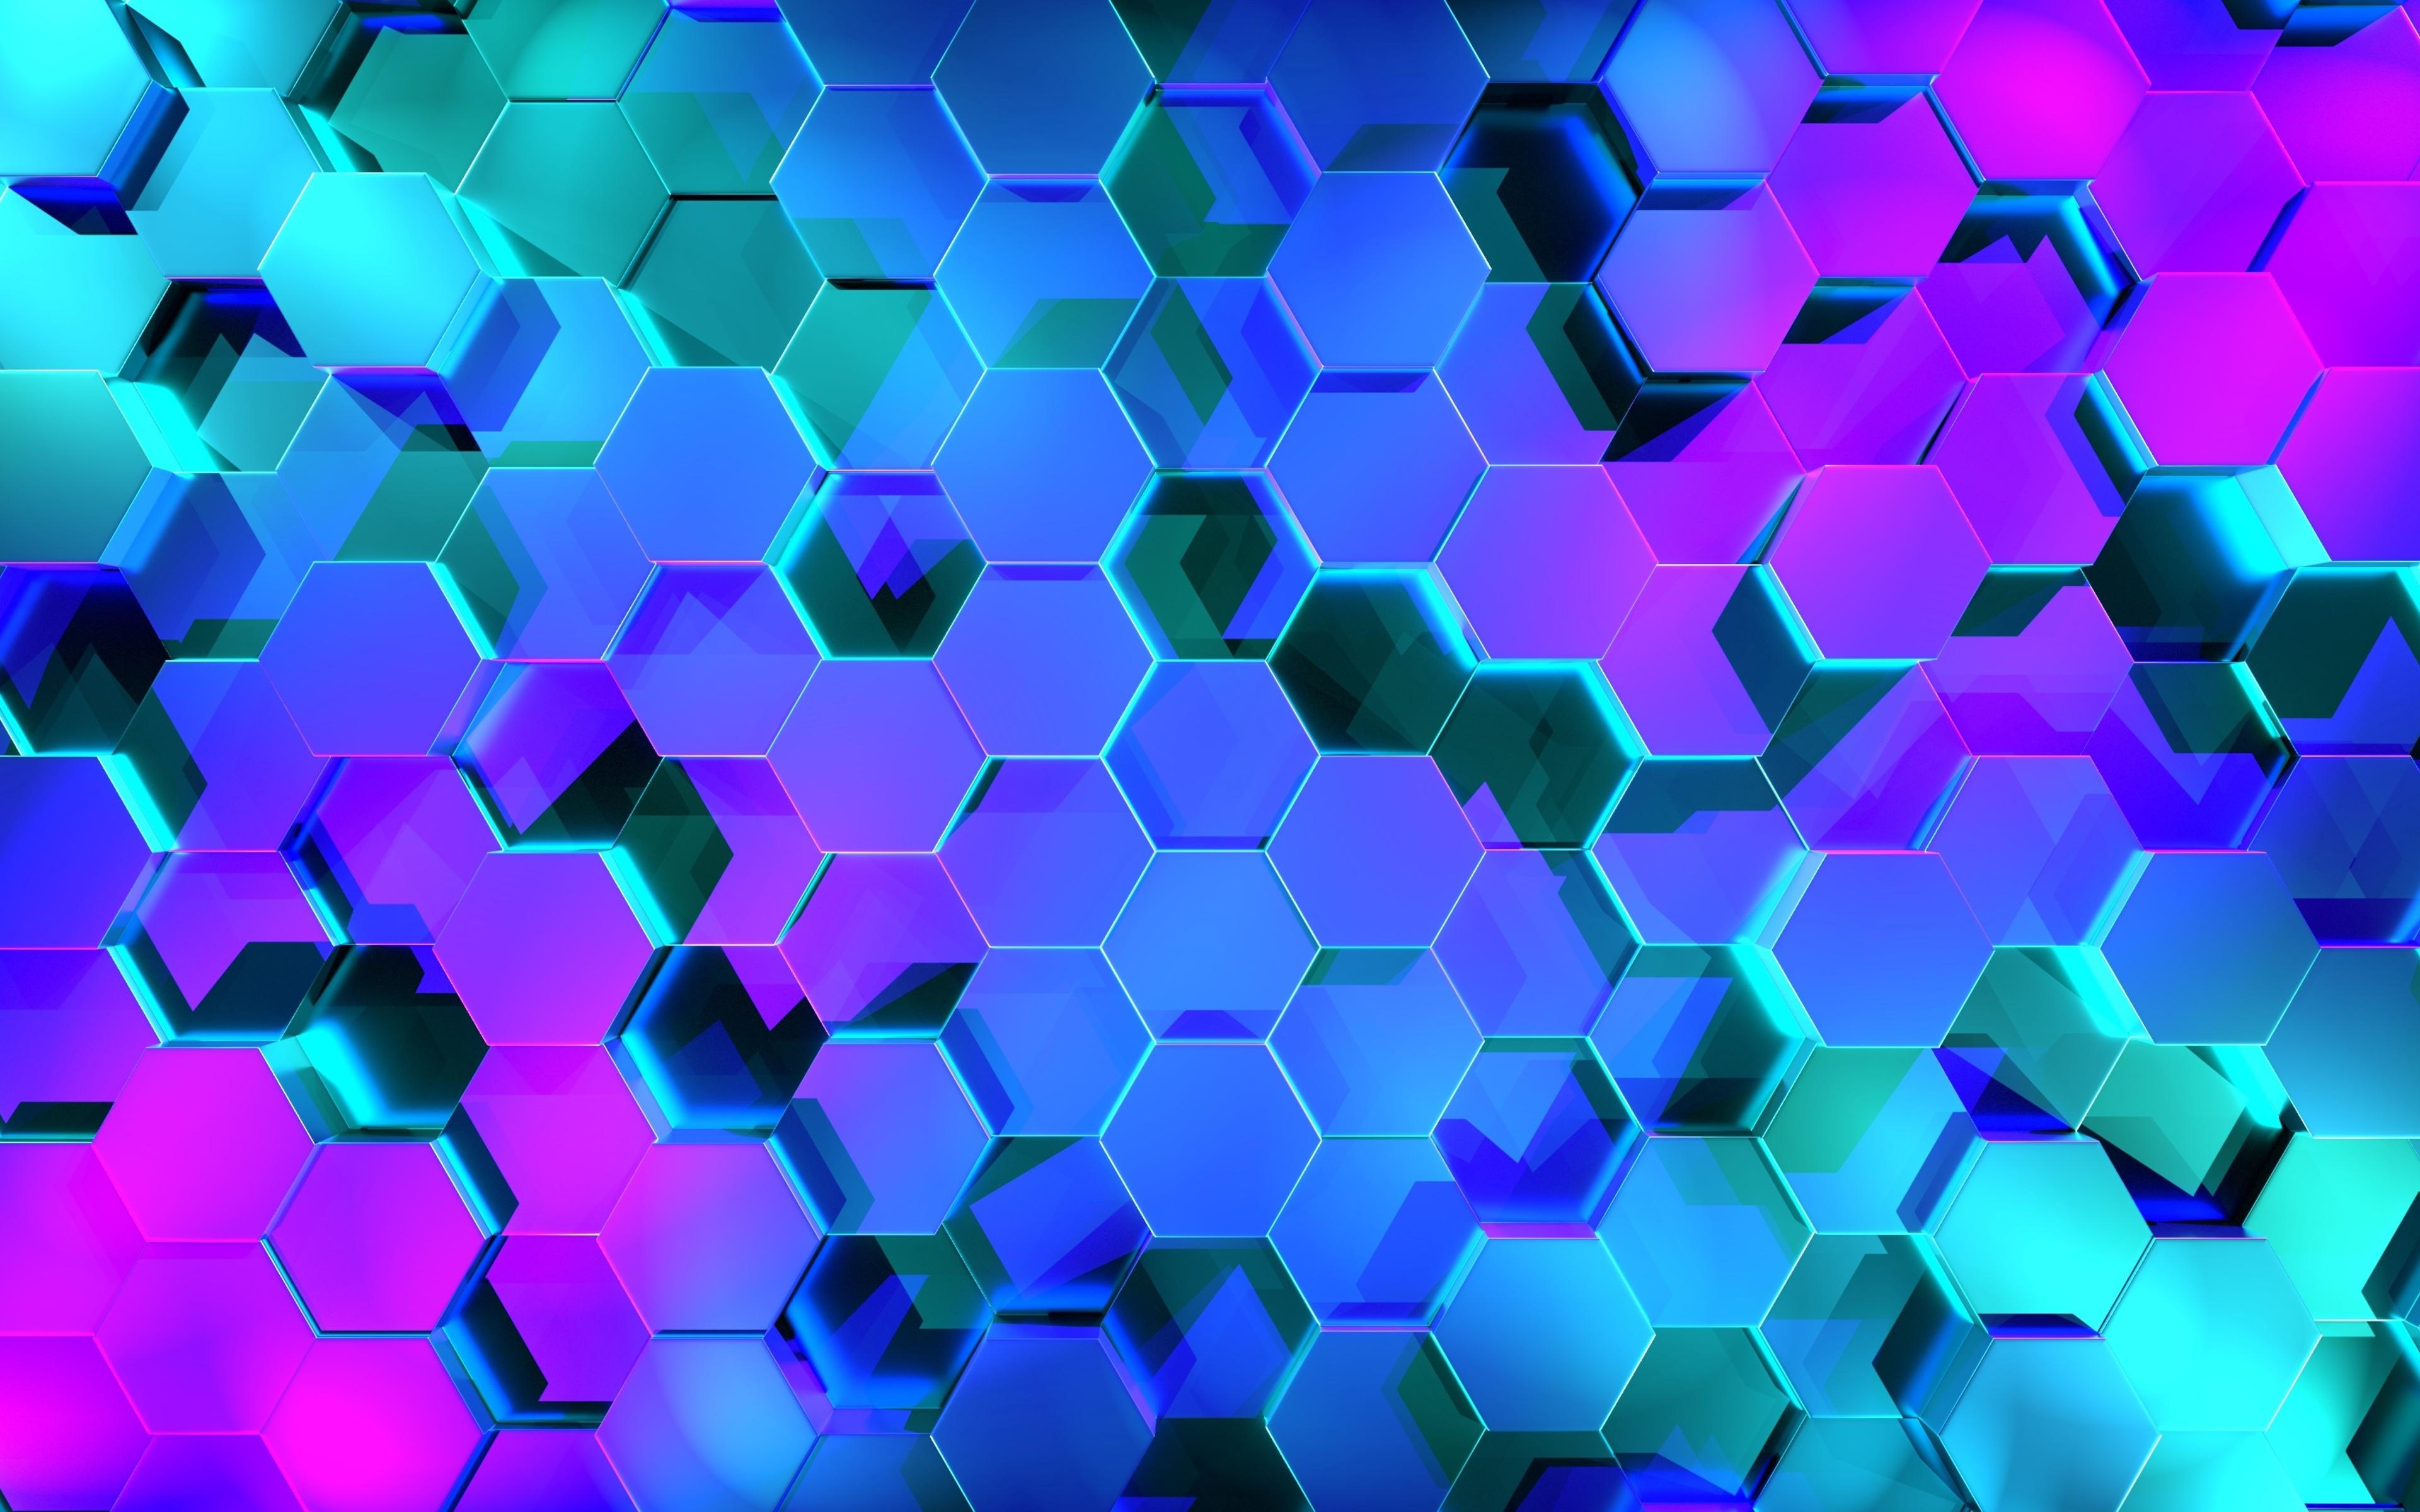 hexagon-3d-digital-art-4k-pt.jpg